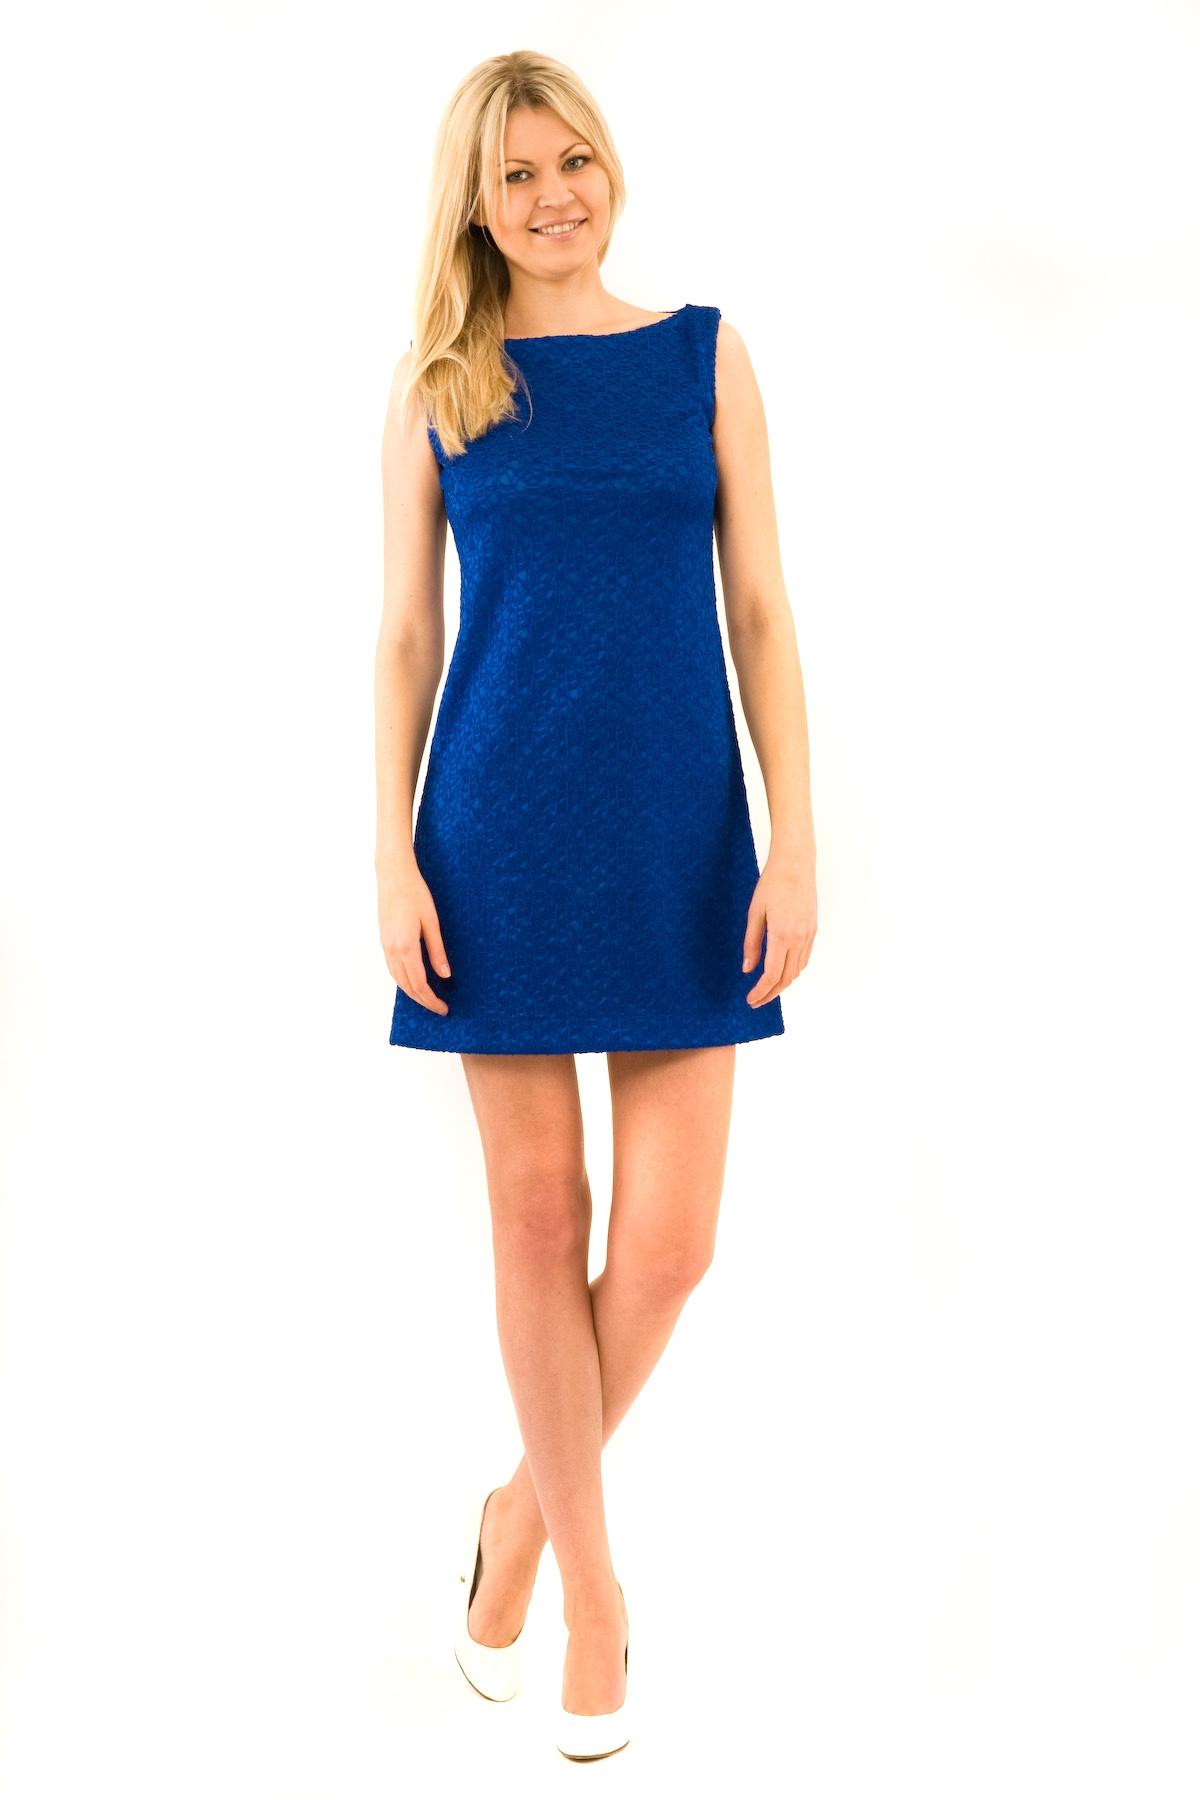 ПлатьеПлатья,  сарафаны<br>Отличное платье из французского трикотажа приталенного кроя. Модель удачно подчеркнет красоту Вашей фигуры, а яркий красивый цвет платья не оставит Вас незамеченной. Изделие прекрасно подойдет как для праздничного вечера, так и для деловой встречи, в случ<br><br>Цвет: синий<br>Состав: 100 % полиэстер<br>Размер: 48,52<br>Страна дизайна: Россия<br>Страна производства: Россия